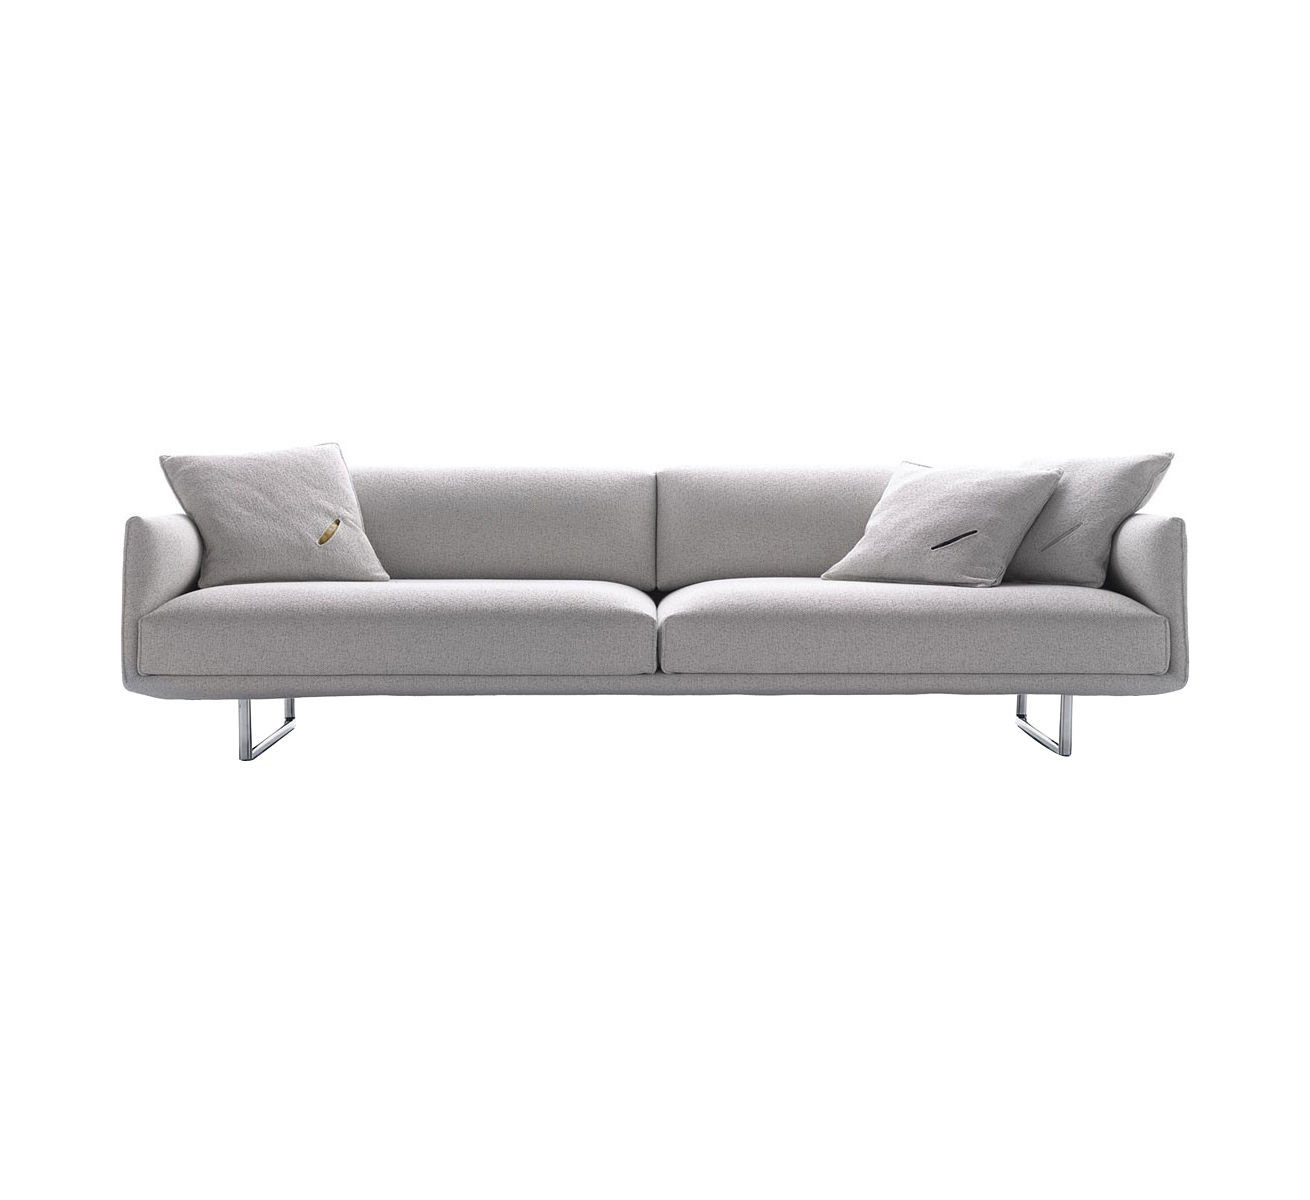 Möbel - Sofas - Hara Sofa / 2-Sitzer - L 200 cm - mit automatisch verstellbarer Rückenlehne/Sitzfläche - MDF Italia - B 200 cm / Füße poliertes Aluminium - Bezug